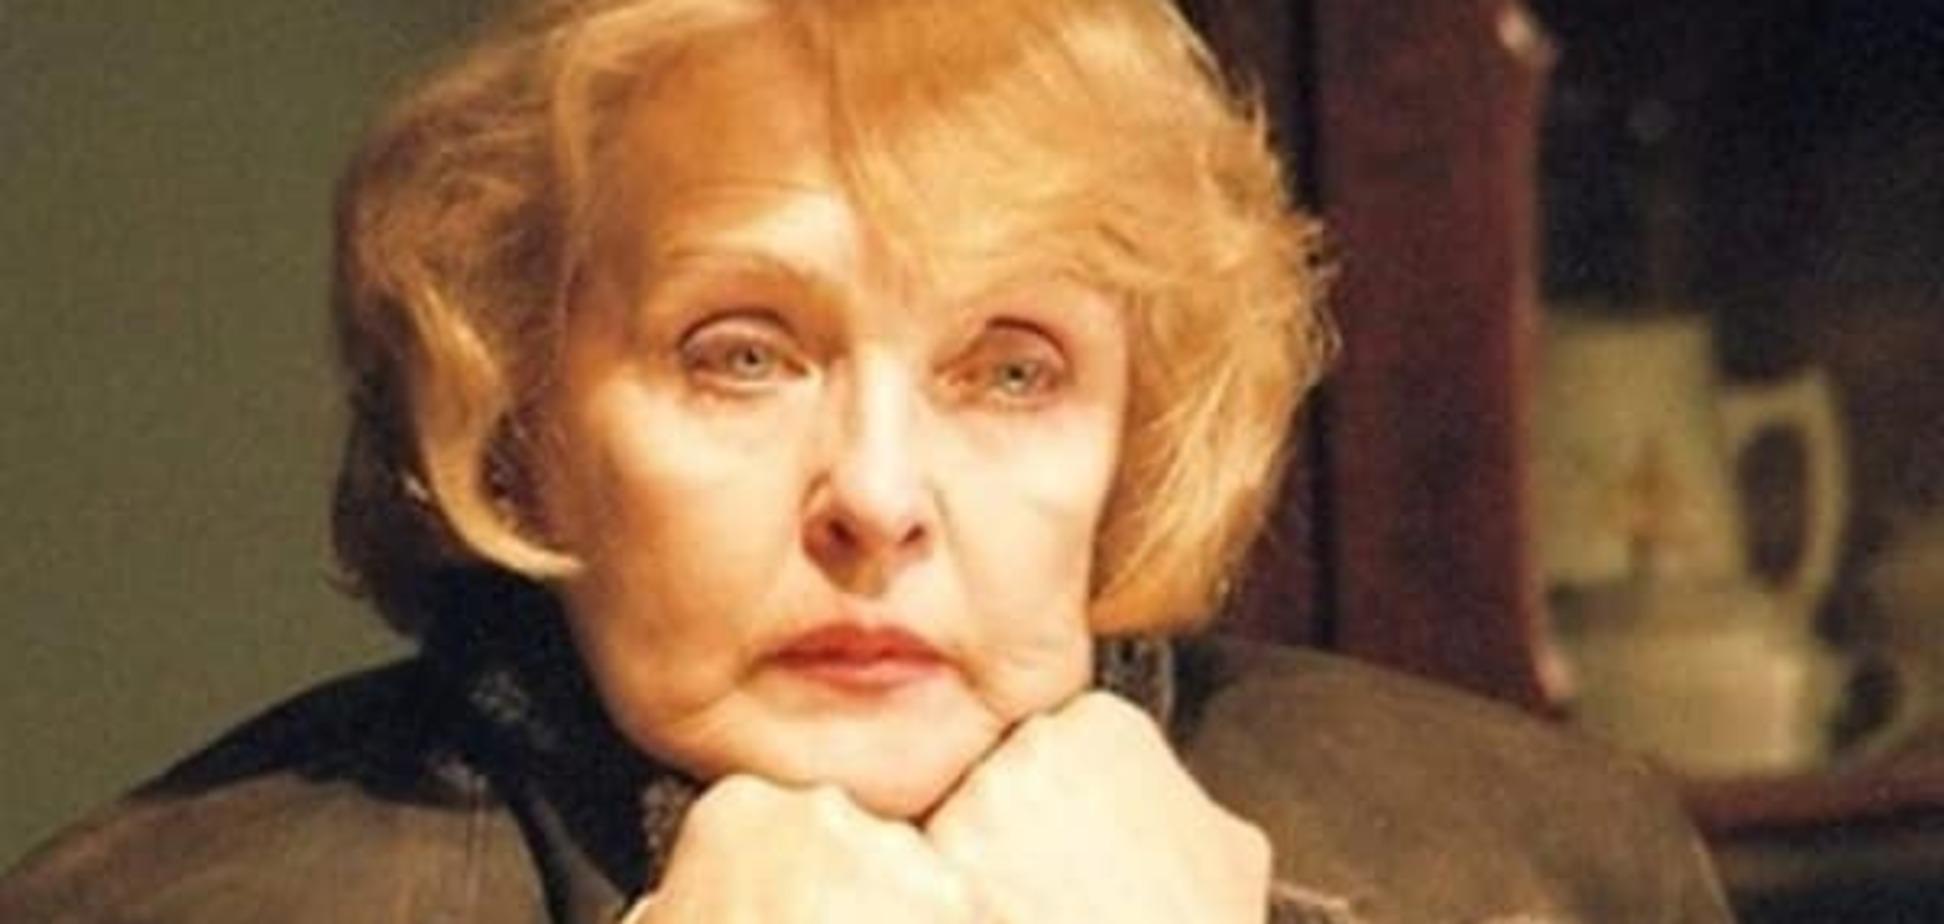 Ада Роговцева назвала Россию монстром: никакие деньги не заставят меня изменить позицию